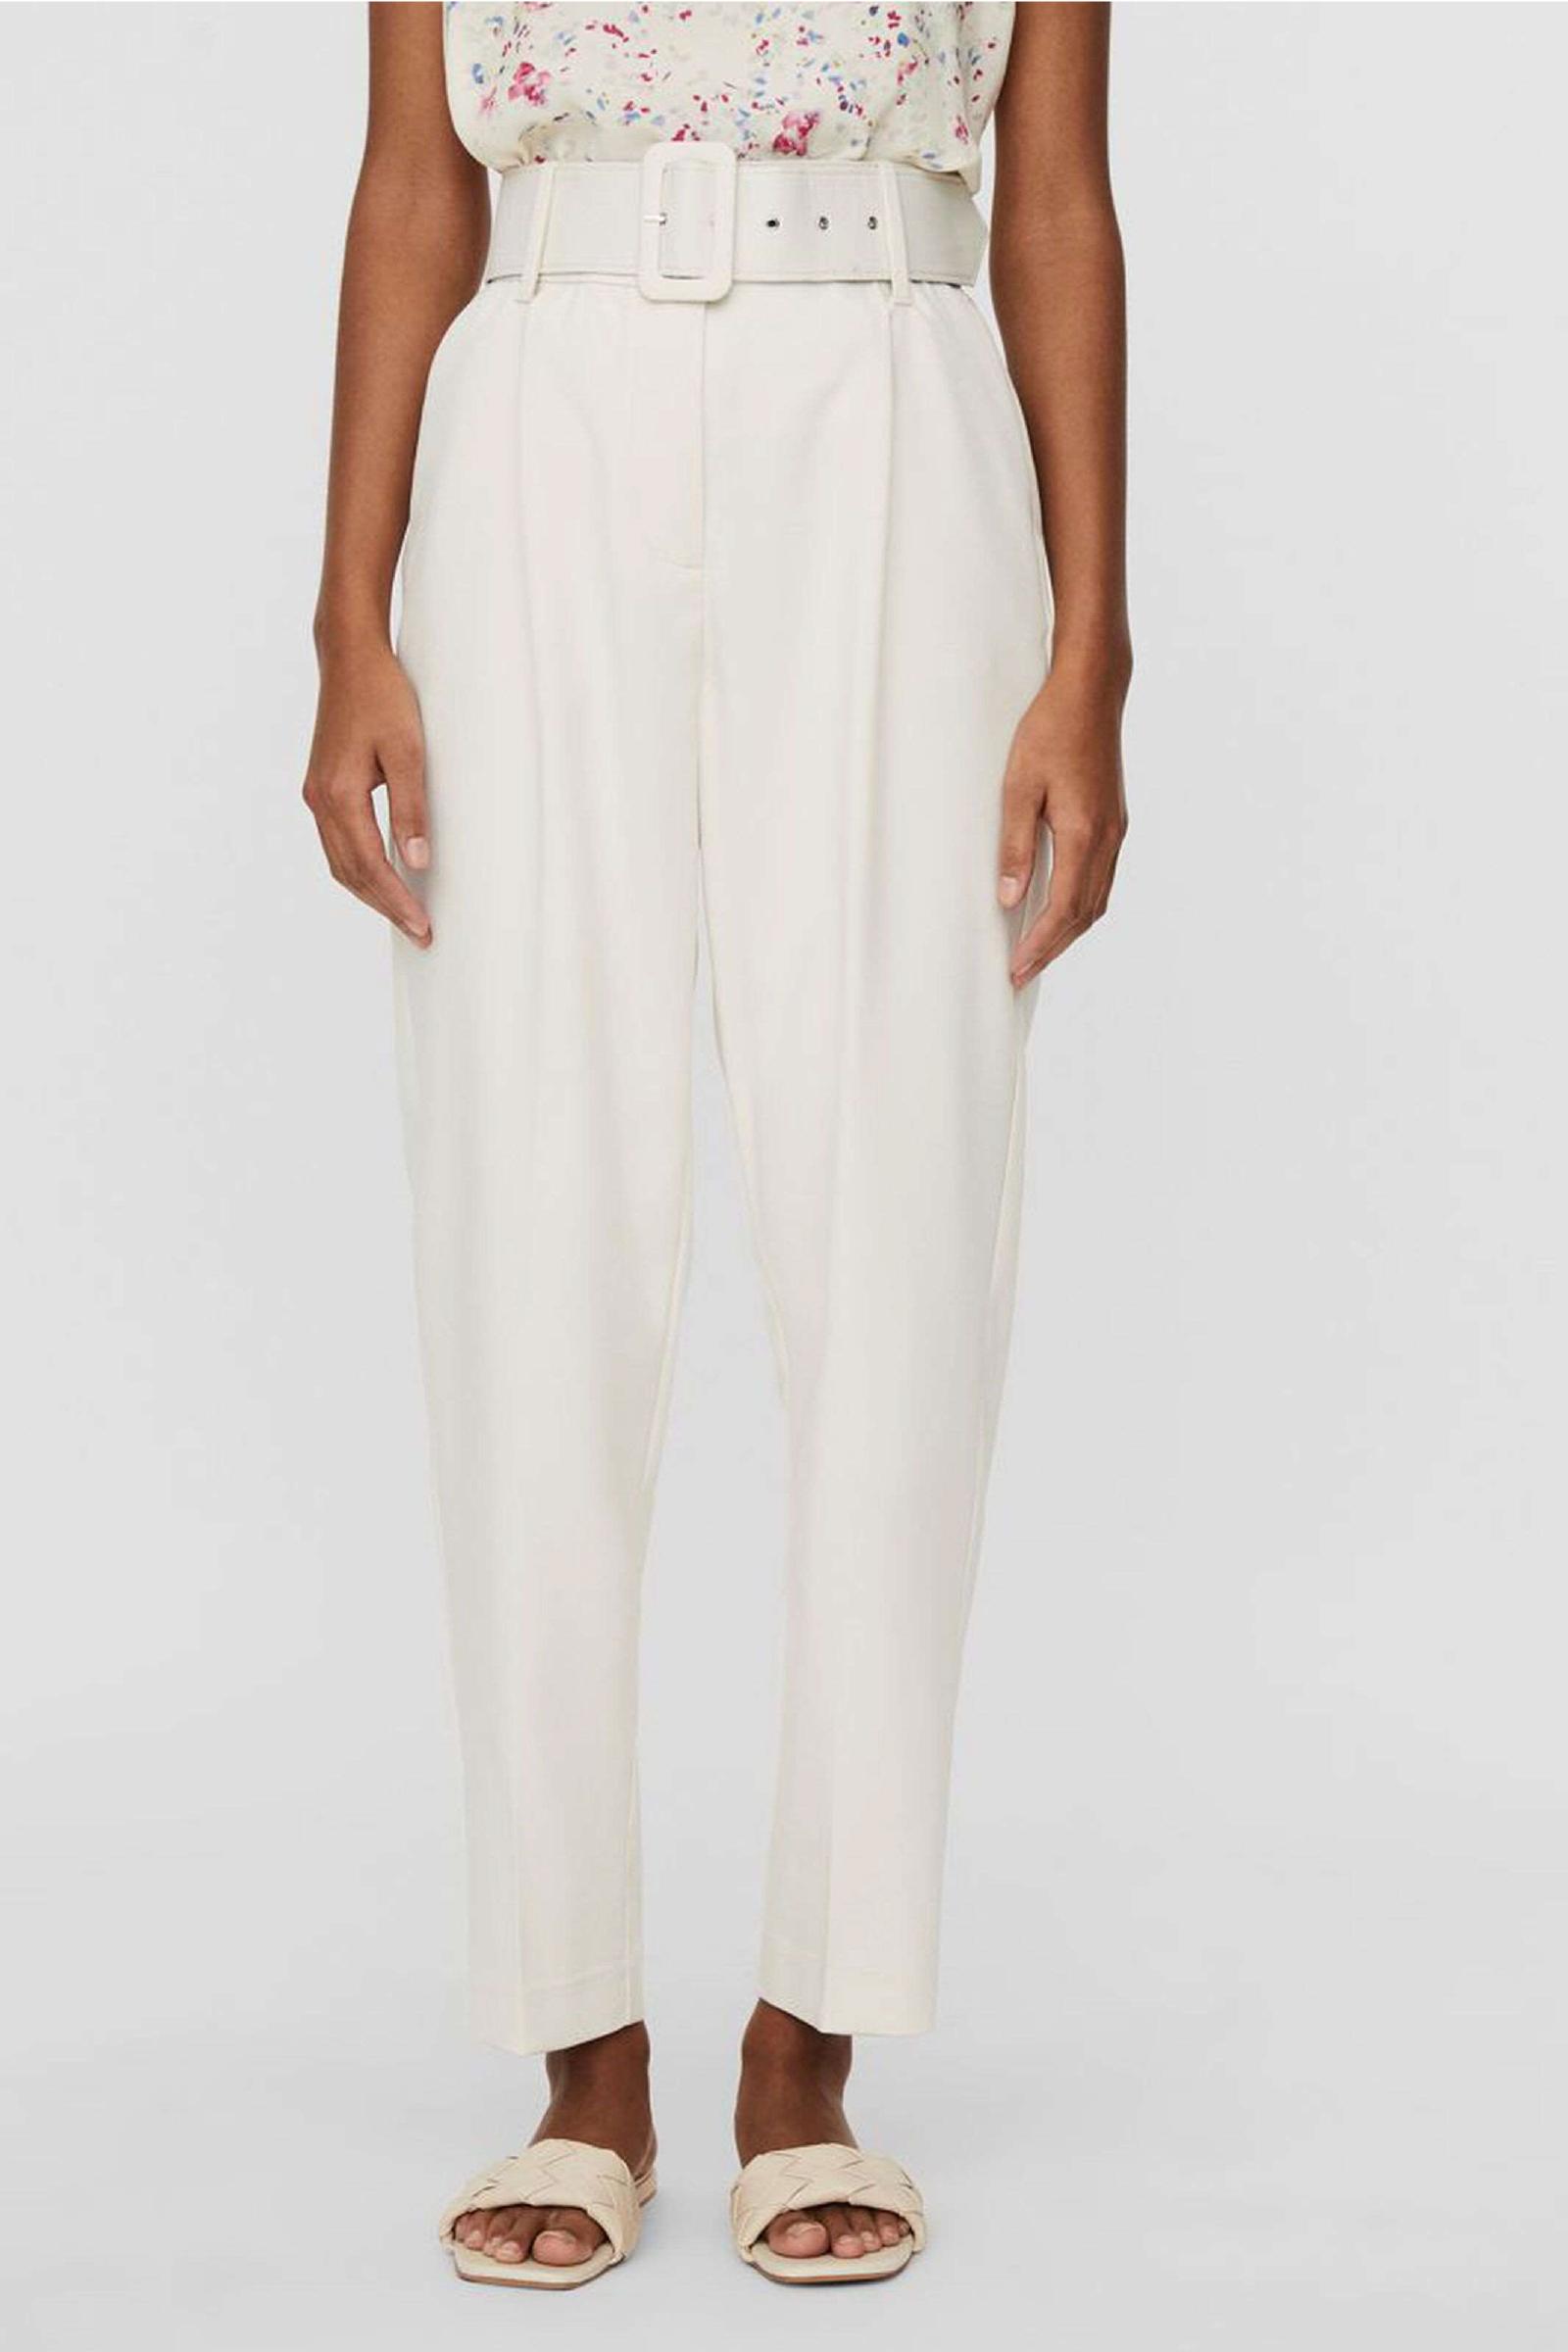 VERO MODA Women's Trousers VERO MODA | Trousers | 10239941Birch